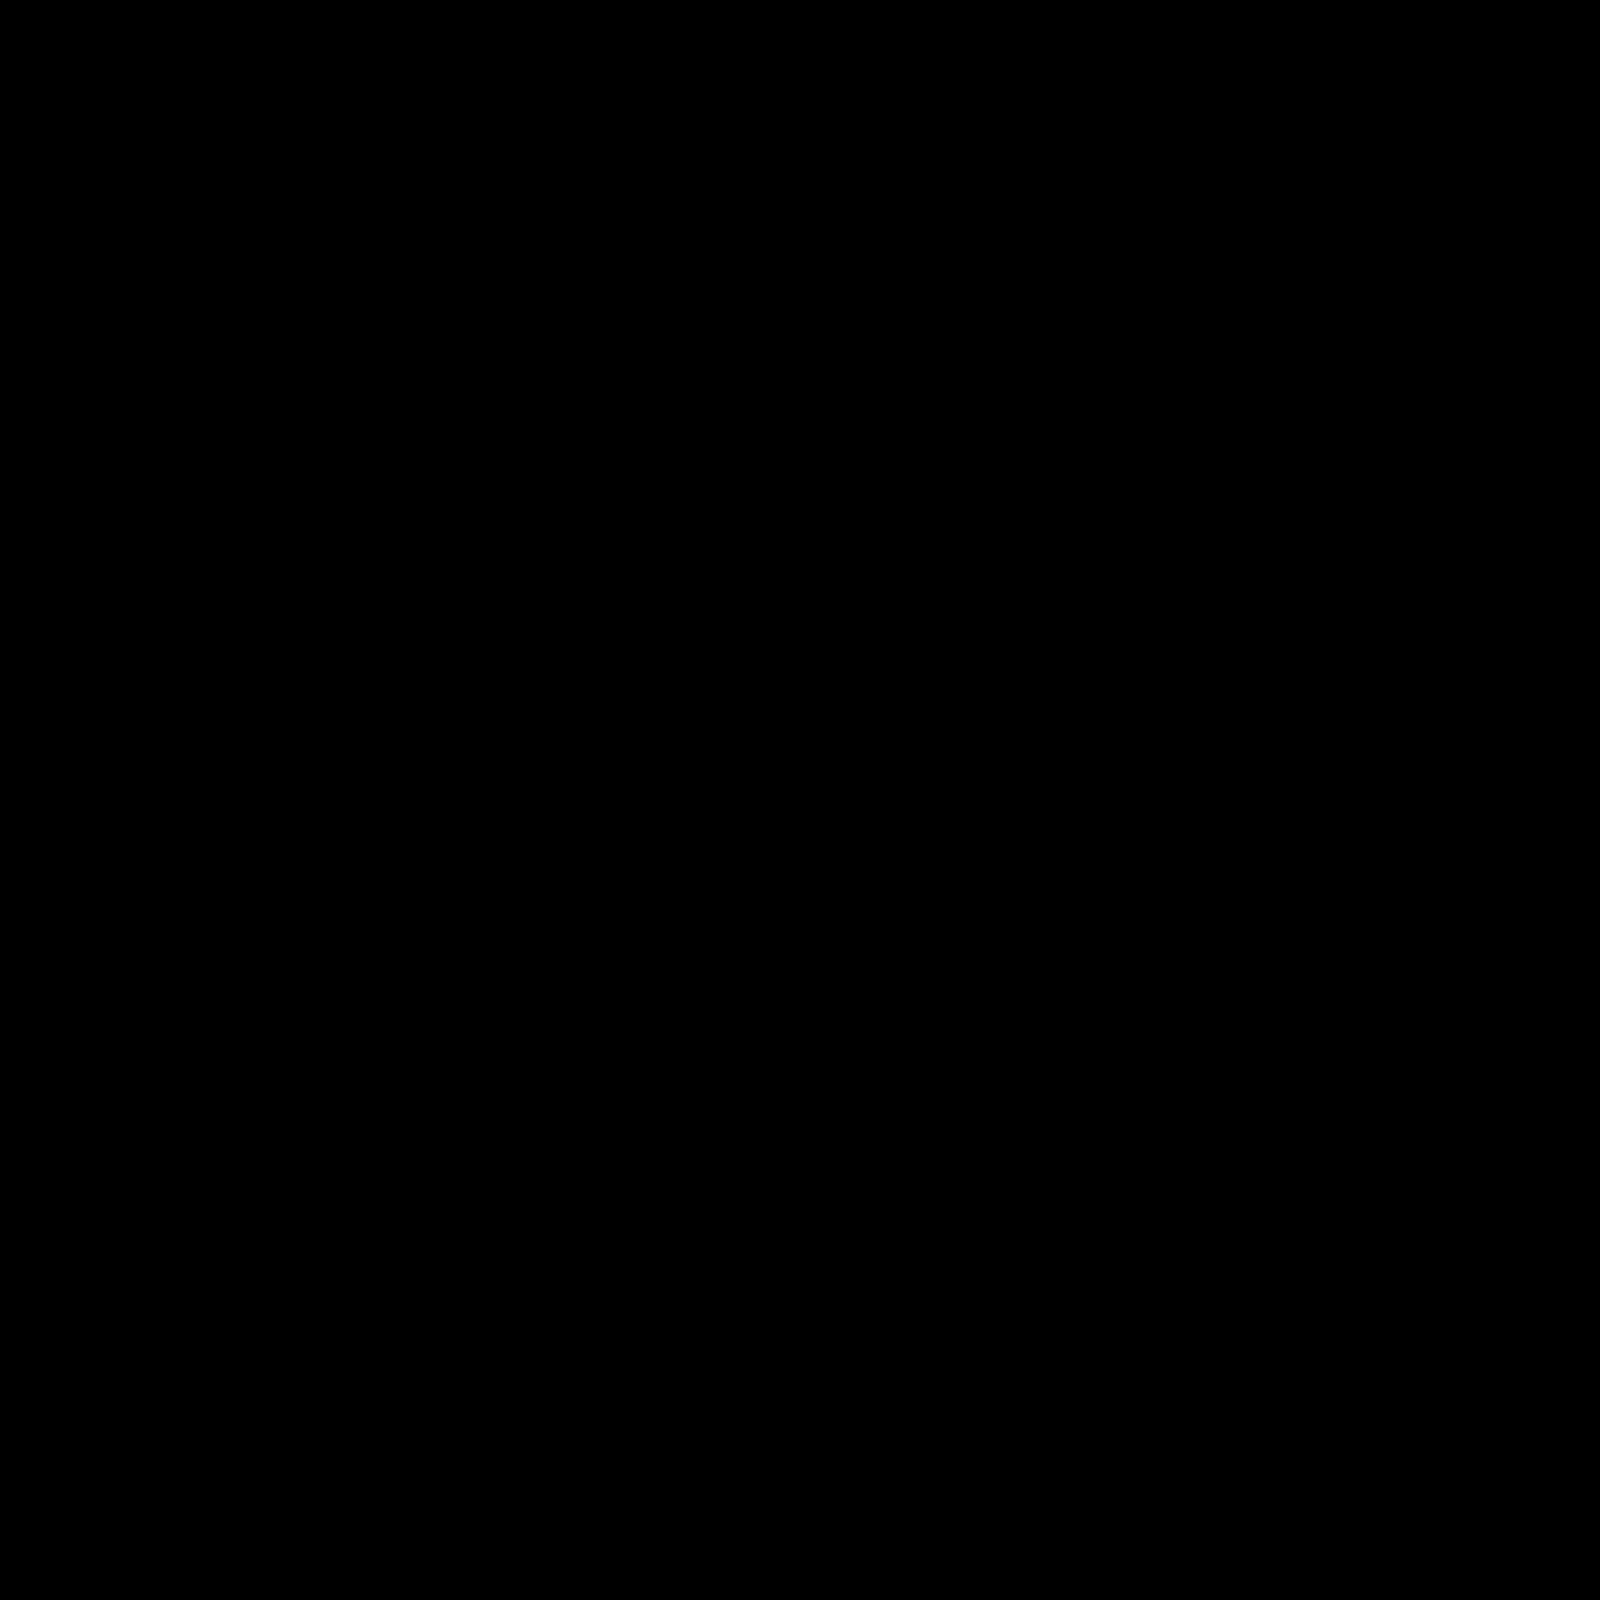 ページの概要4 icon. There are 3 lines to this logo. They all look the same. Each has a small square. Beside the small square are 2 straight lines. The line on top is a little longer than the one at the bottom.